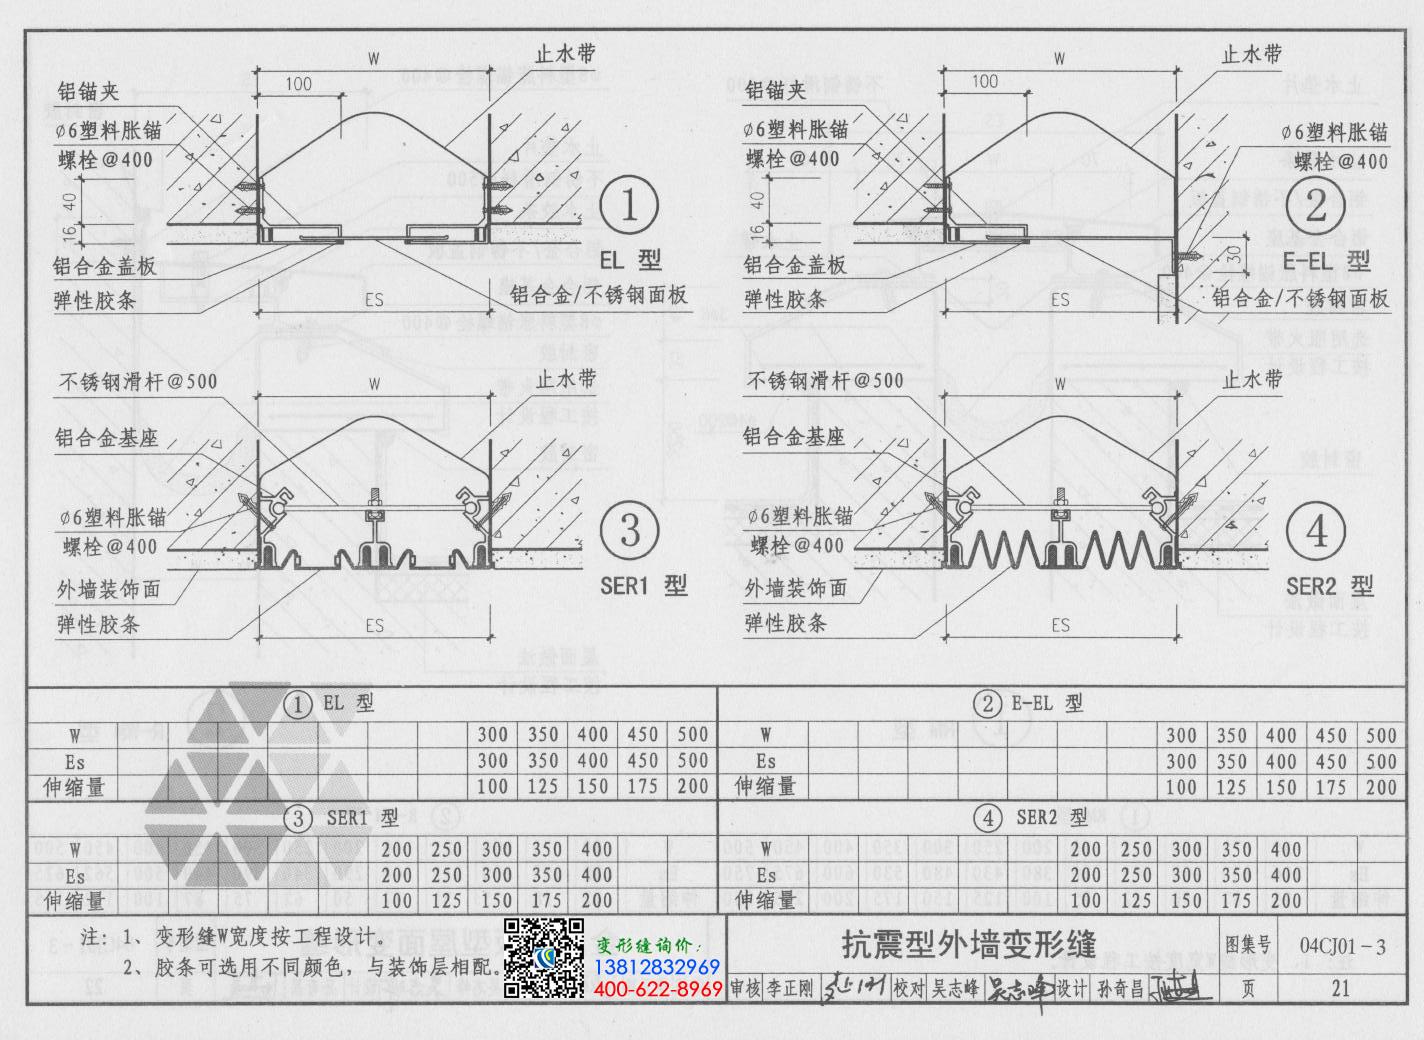 变形缝图集04cj01-3第21页:抗震型外墙变形缝